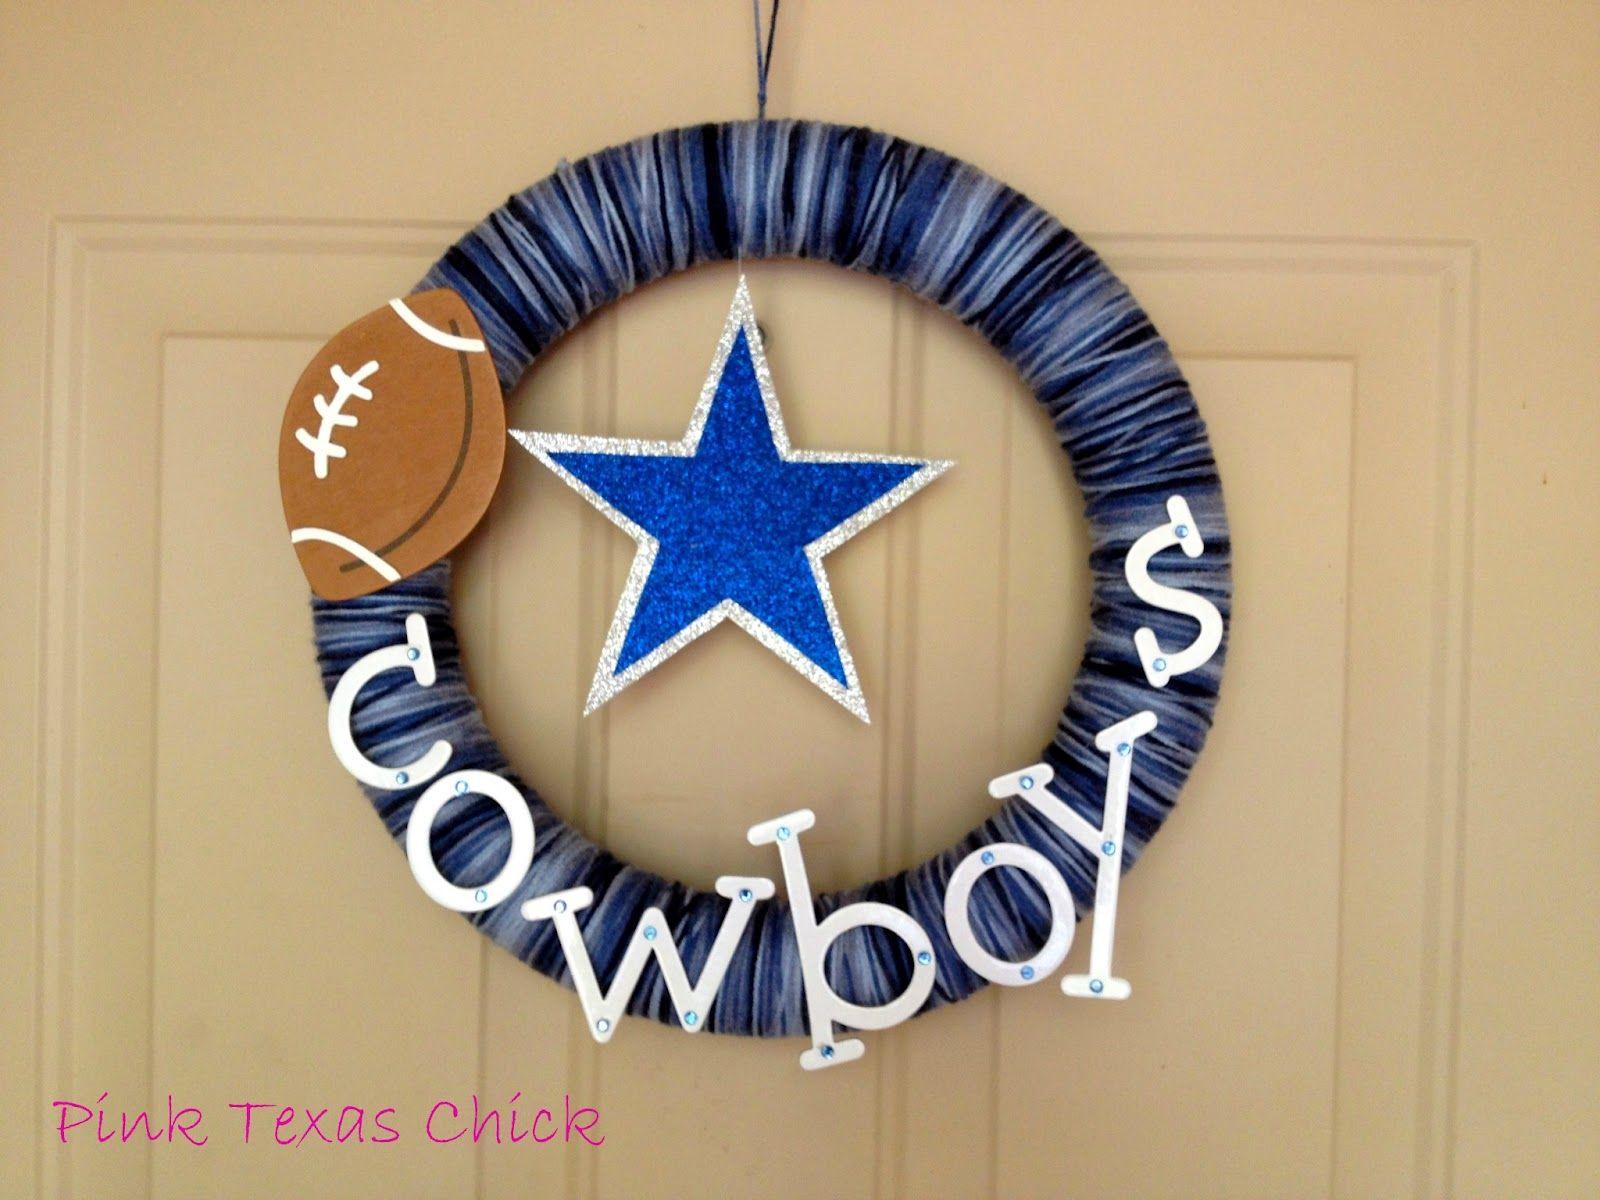 Pink Texas Chick: Dallas Cowboys Yarn Wreath {Craft DIY